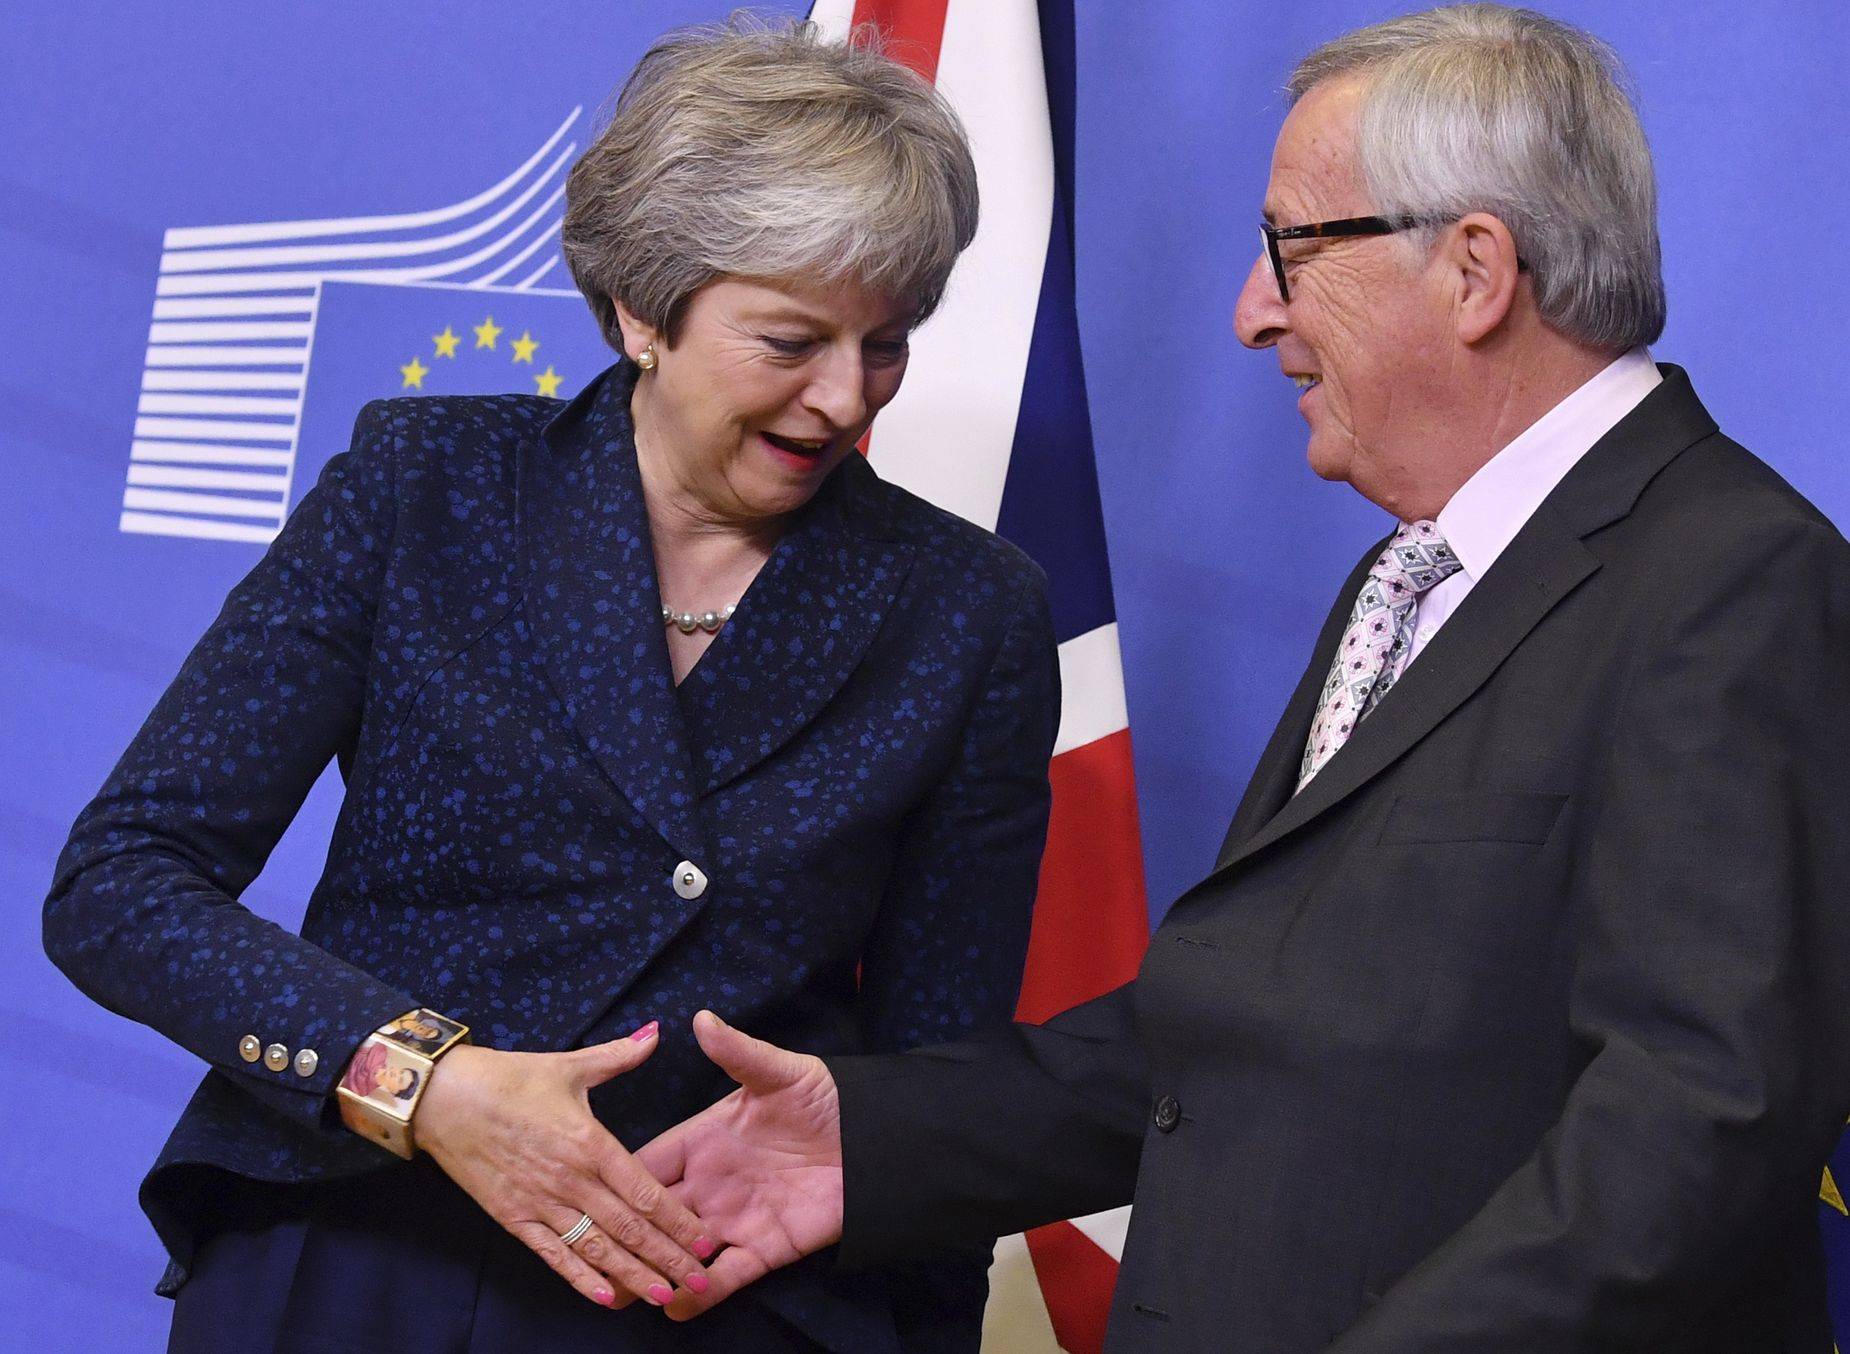 歐盟27國領袖已一致確認英國脫歐協議草案。AP